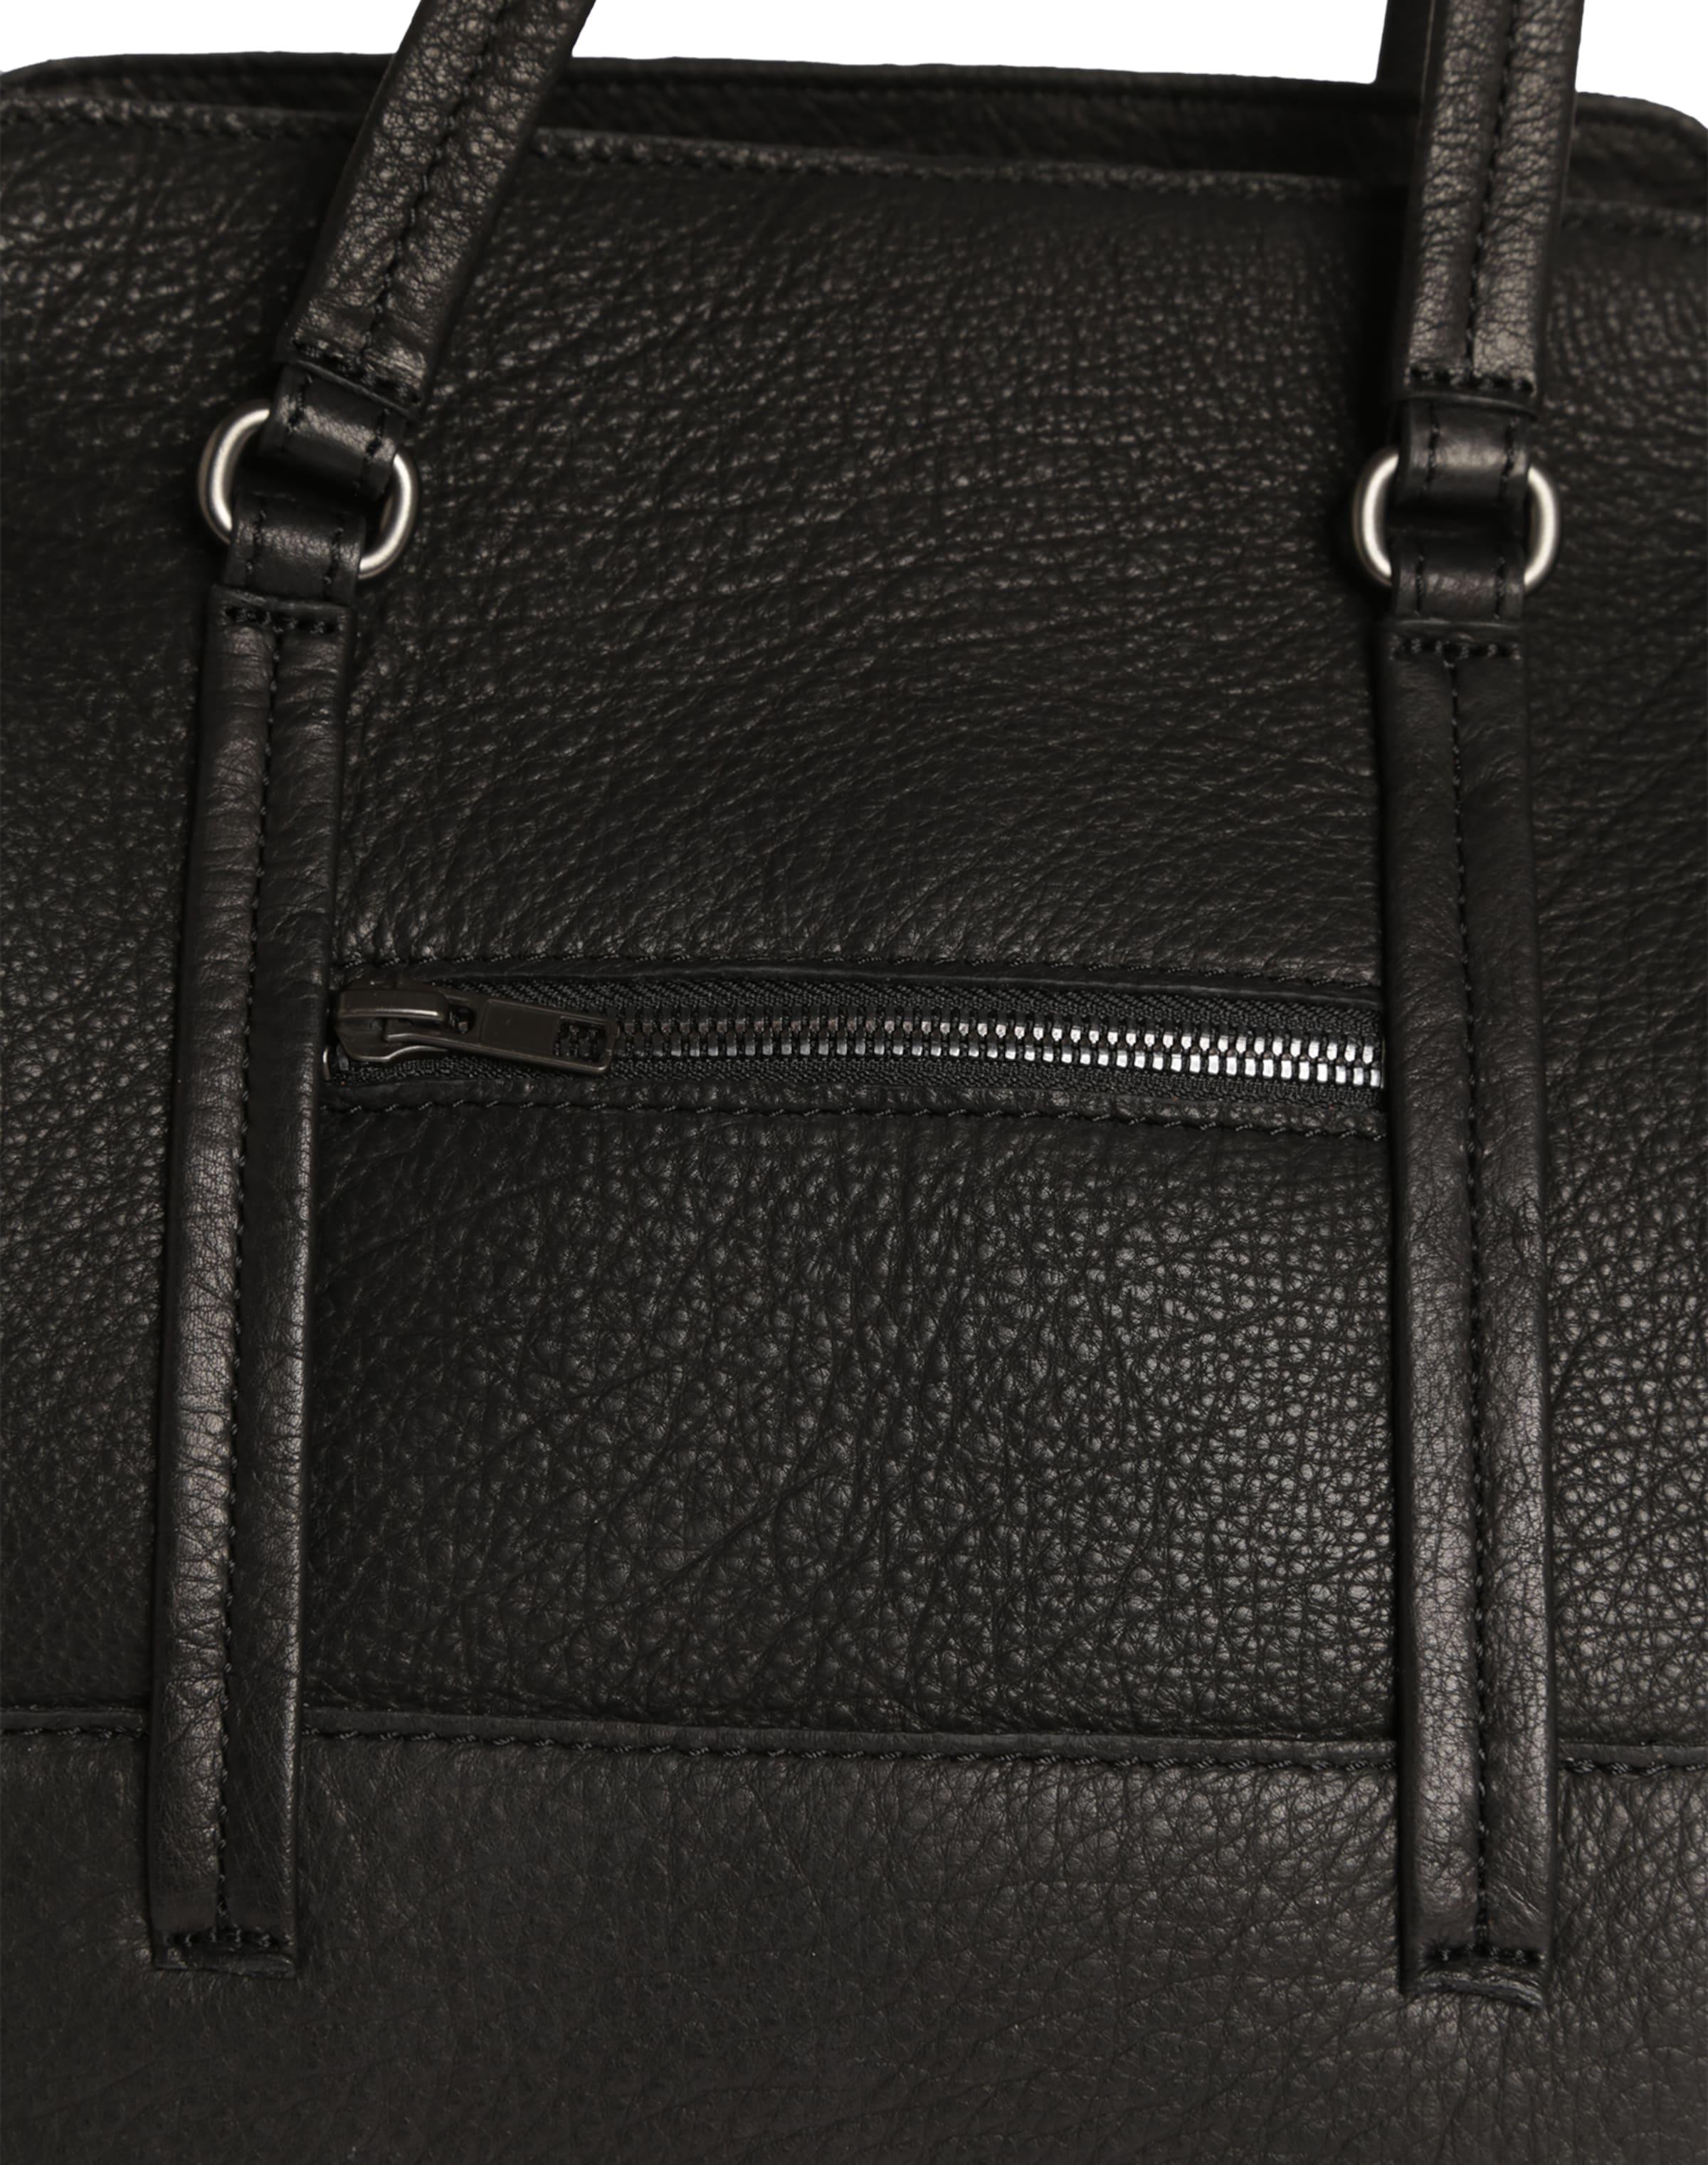 Spielraum Online Offizielle Seite Marc O'Polo Handtasche 'Luxury Attachment' Aus Deutschland Sehr Billig Günstig Online Steckdose Versorgungs hICWgq6P